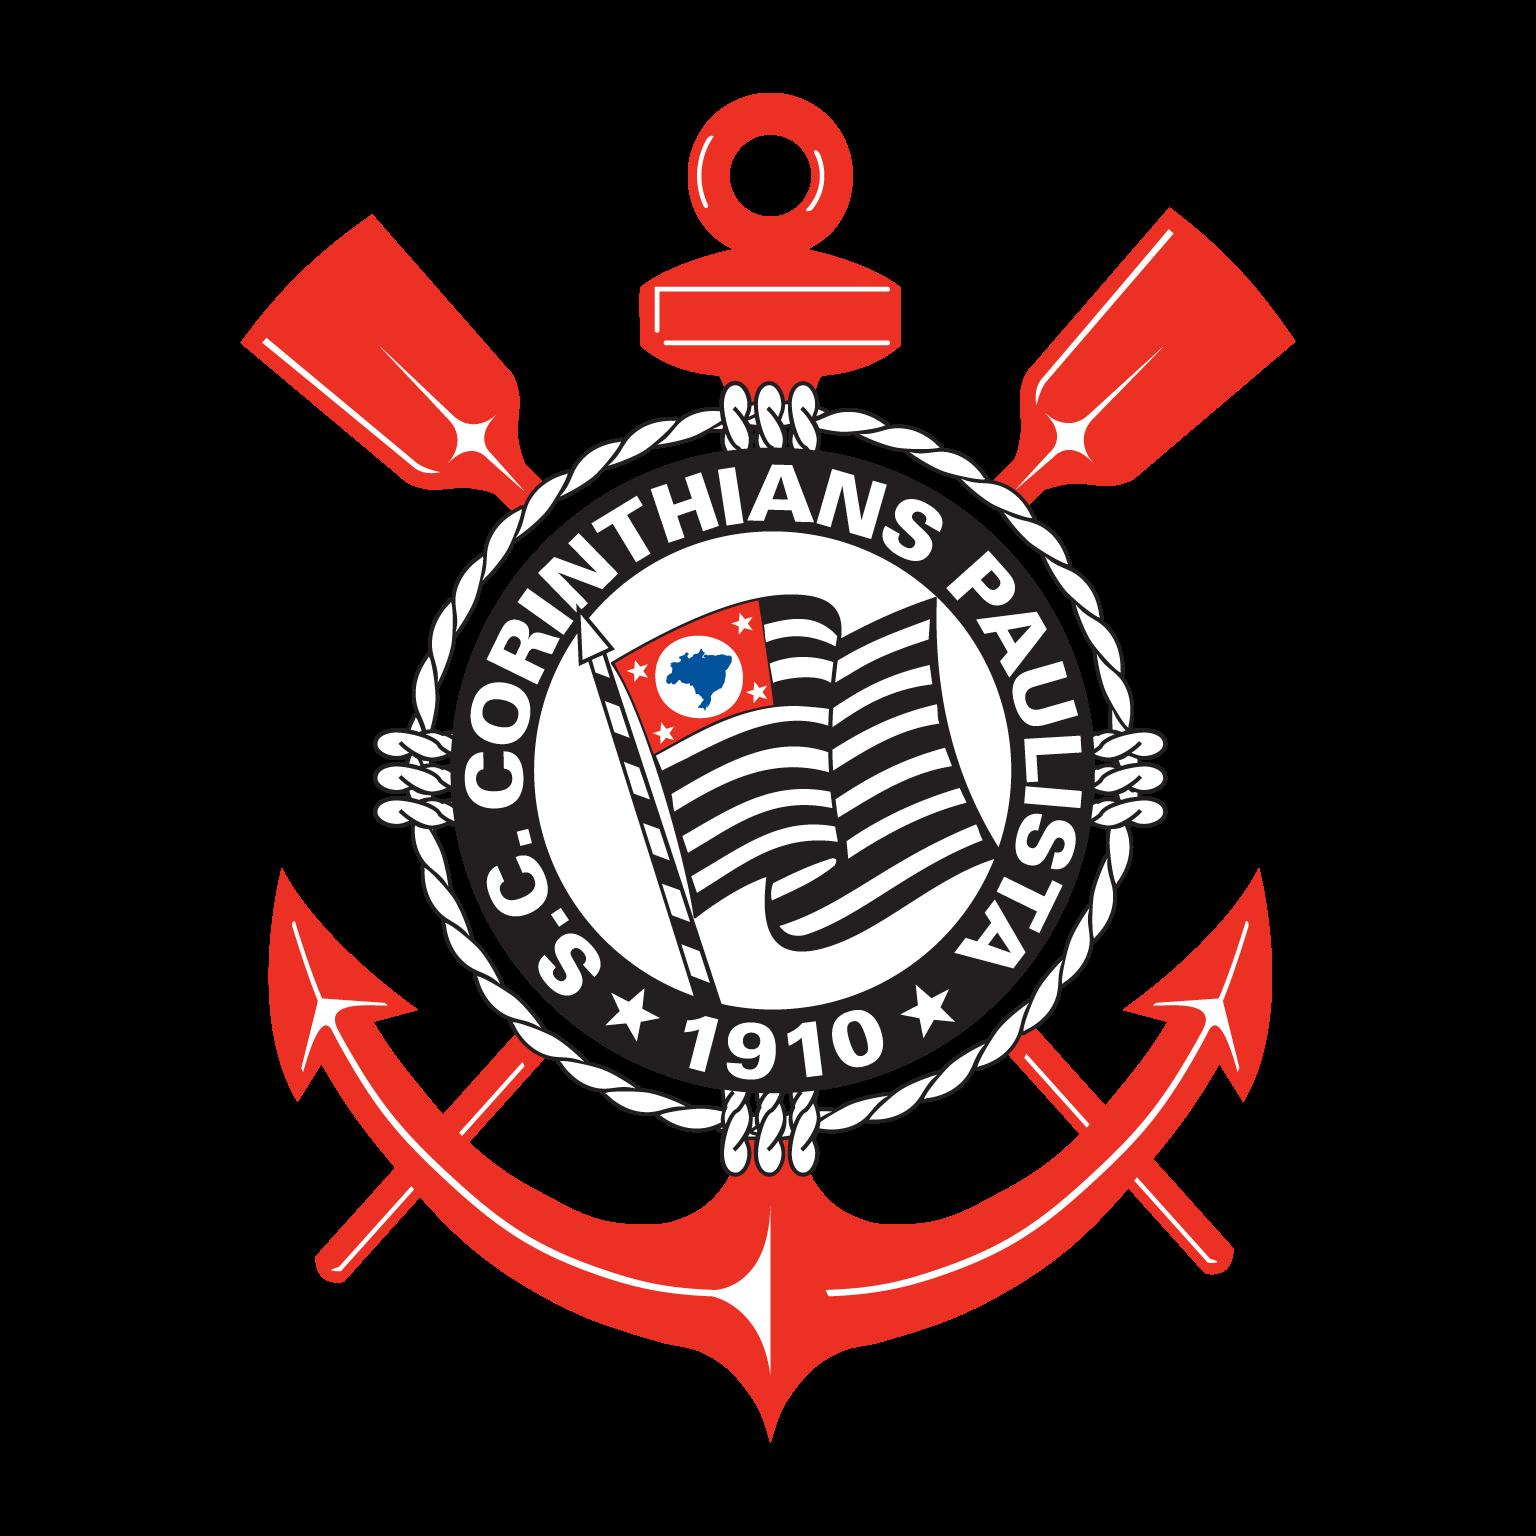 logo corinthians bras227o em png � logo de times